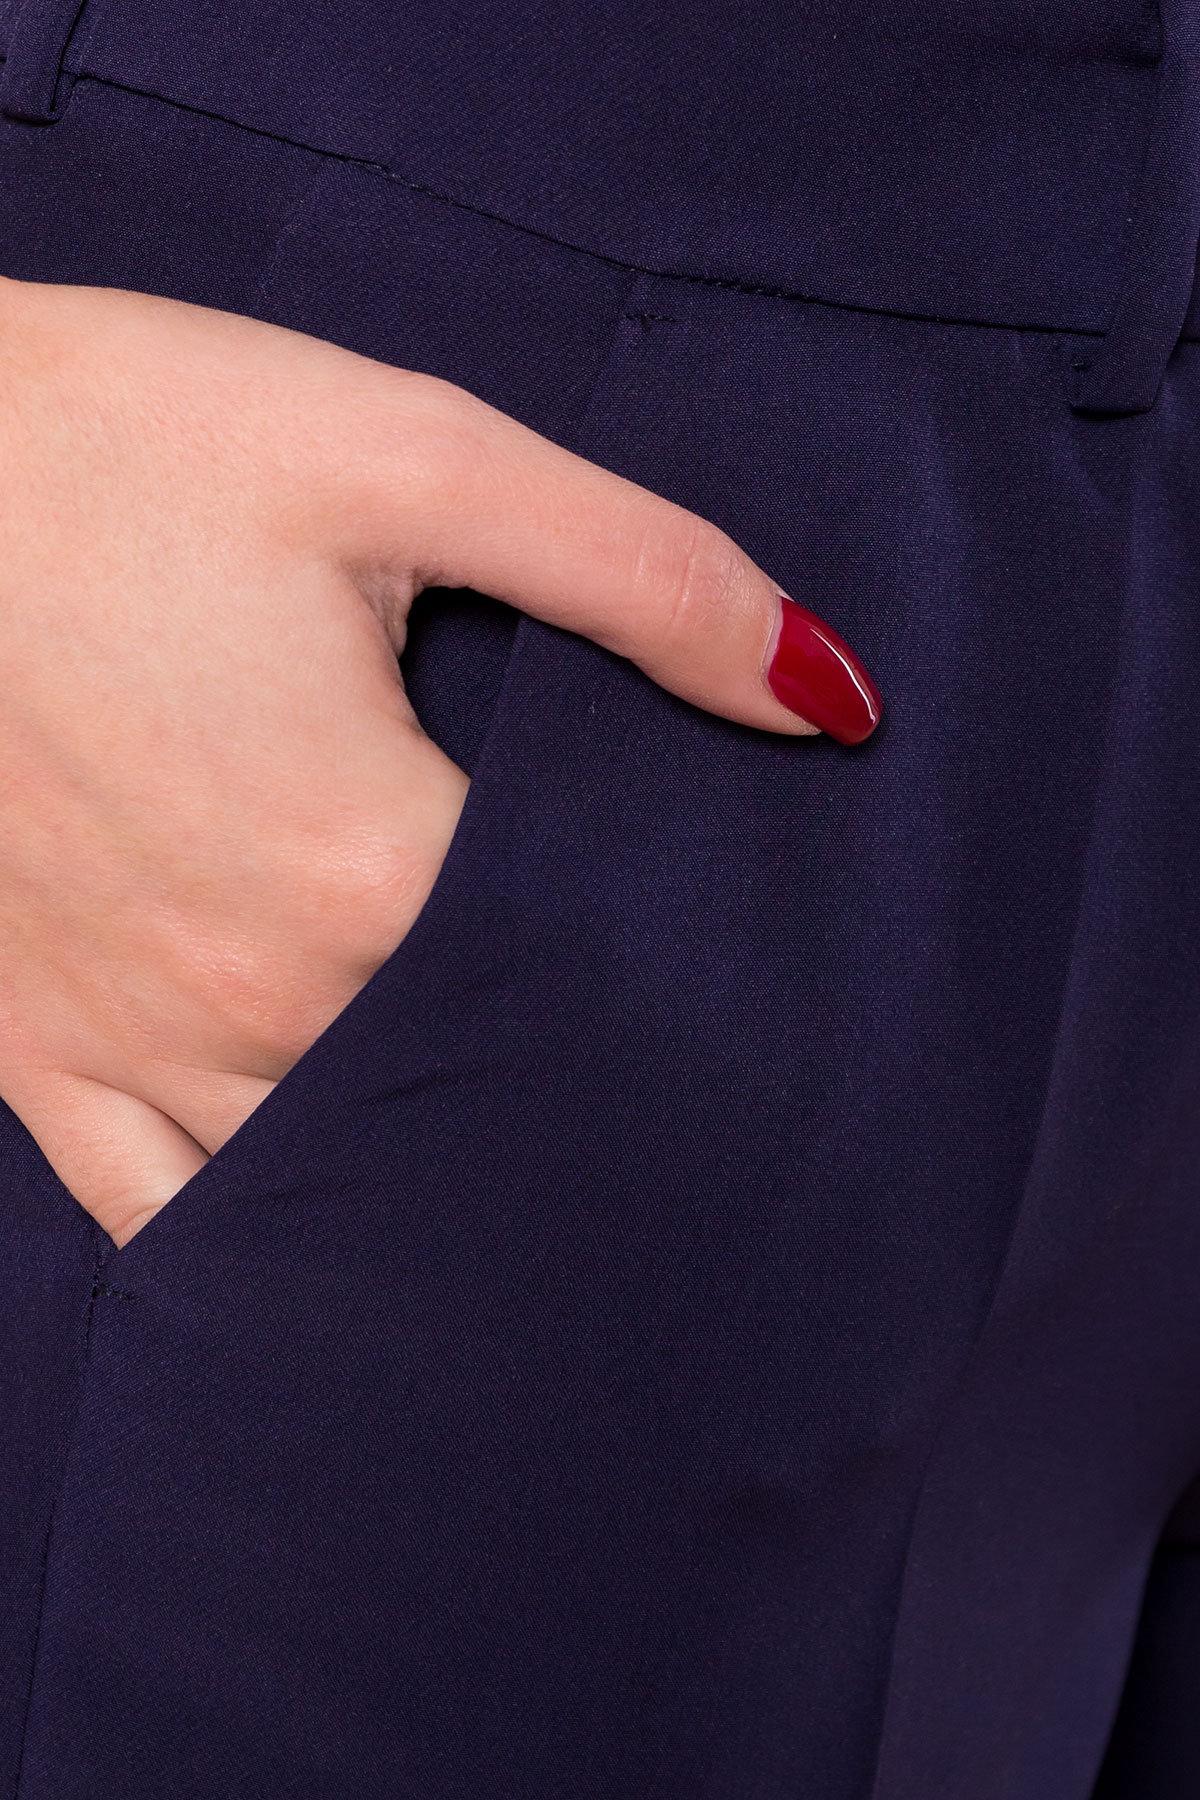 Базовые брюки со стрелками Эдвин 2467 АРТ. 15260 Цвет: Тёмно-синий - фото 9, интернет магазин tm-modus.ru